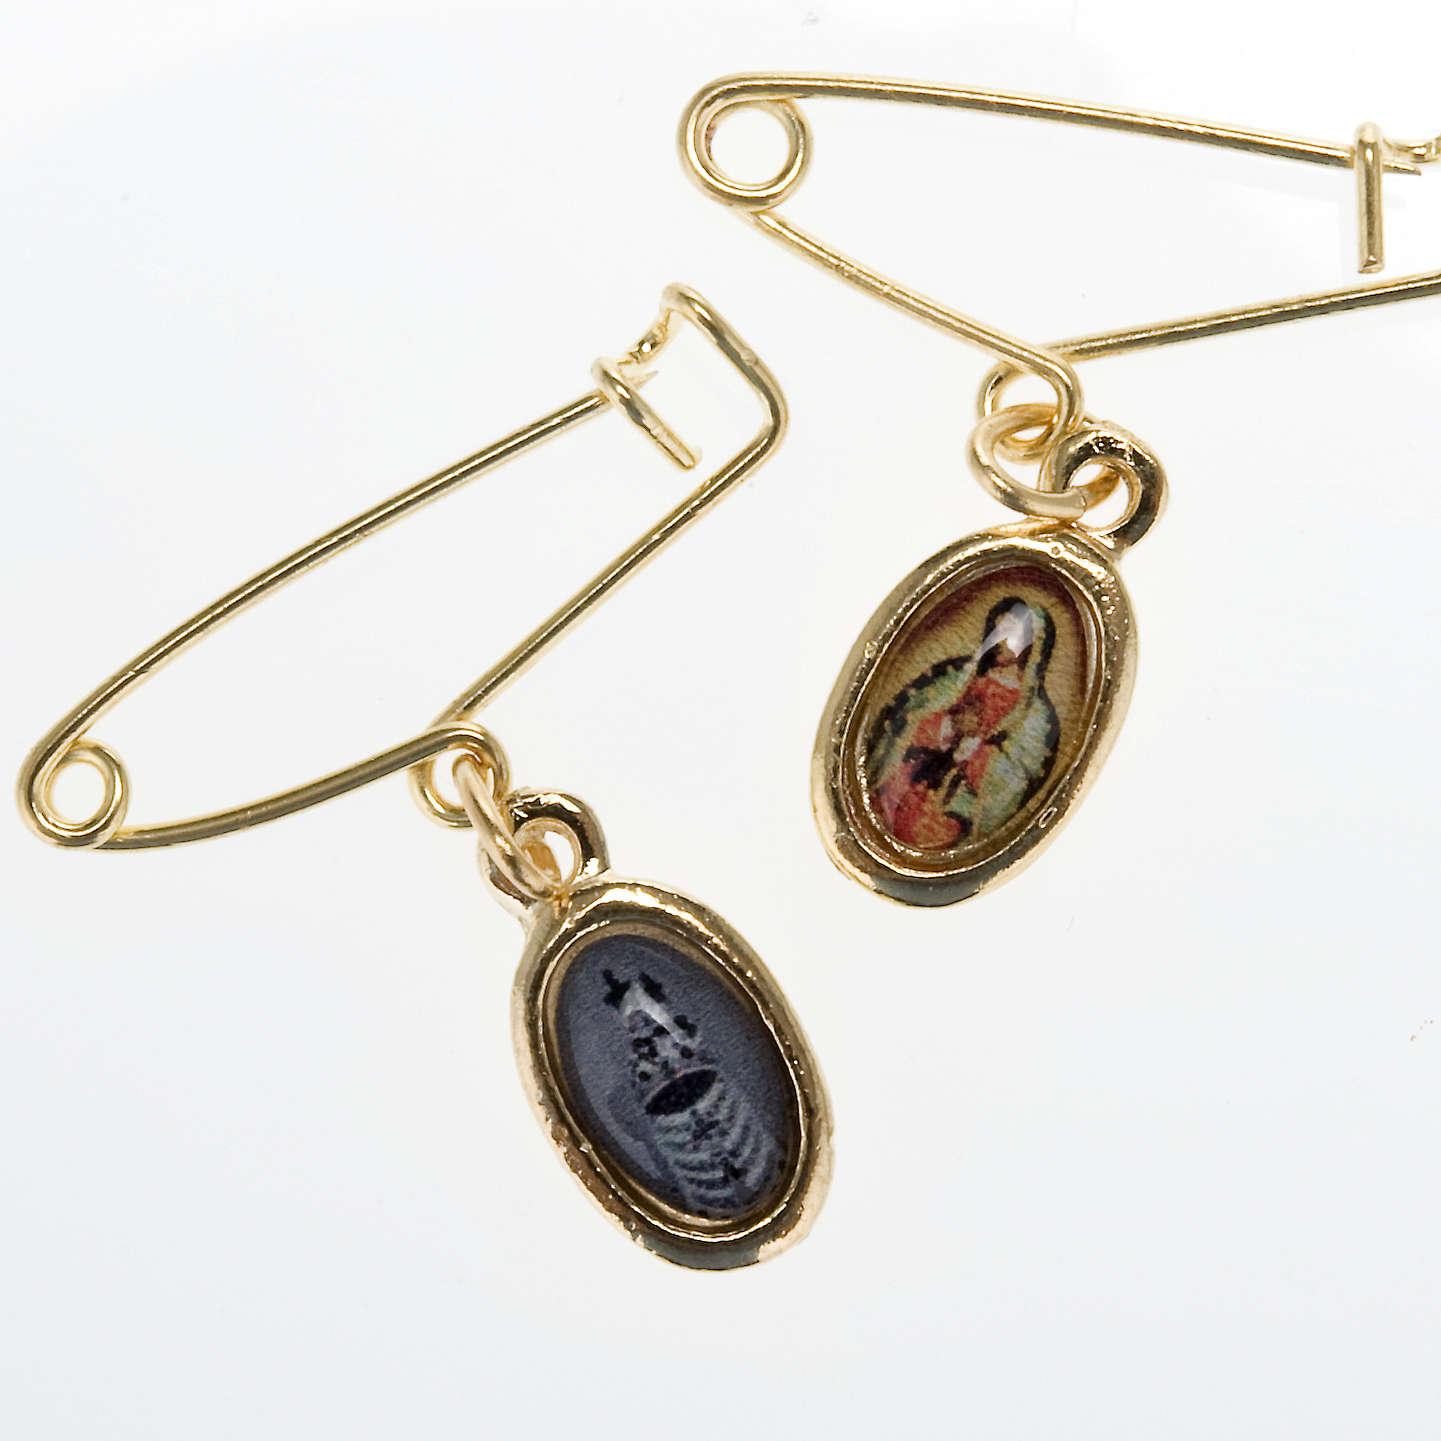 Medalla con prendedor de la Virgen de Guadalupe-Loreto 4